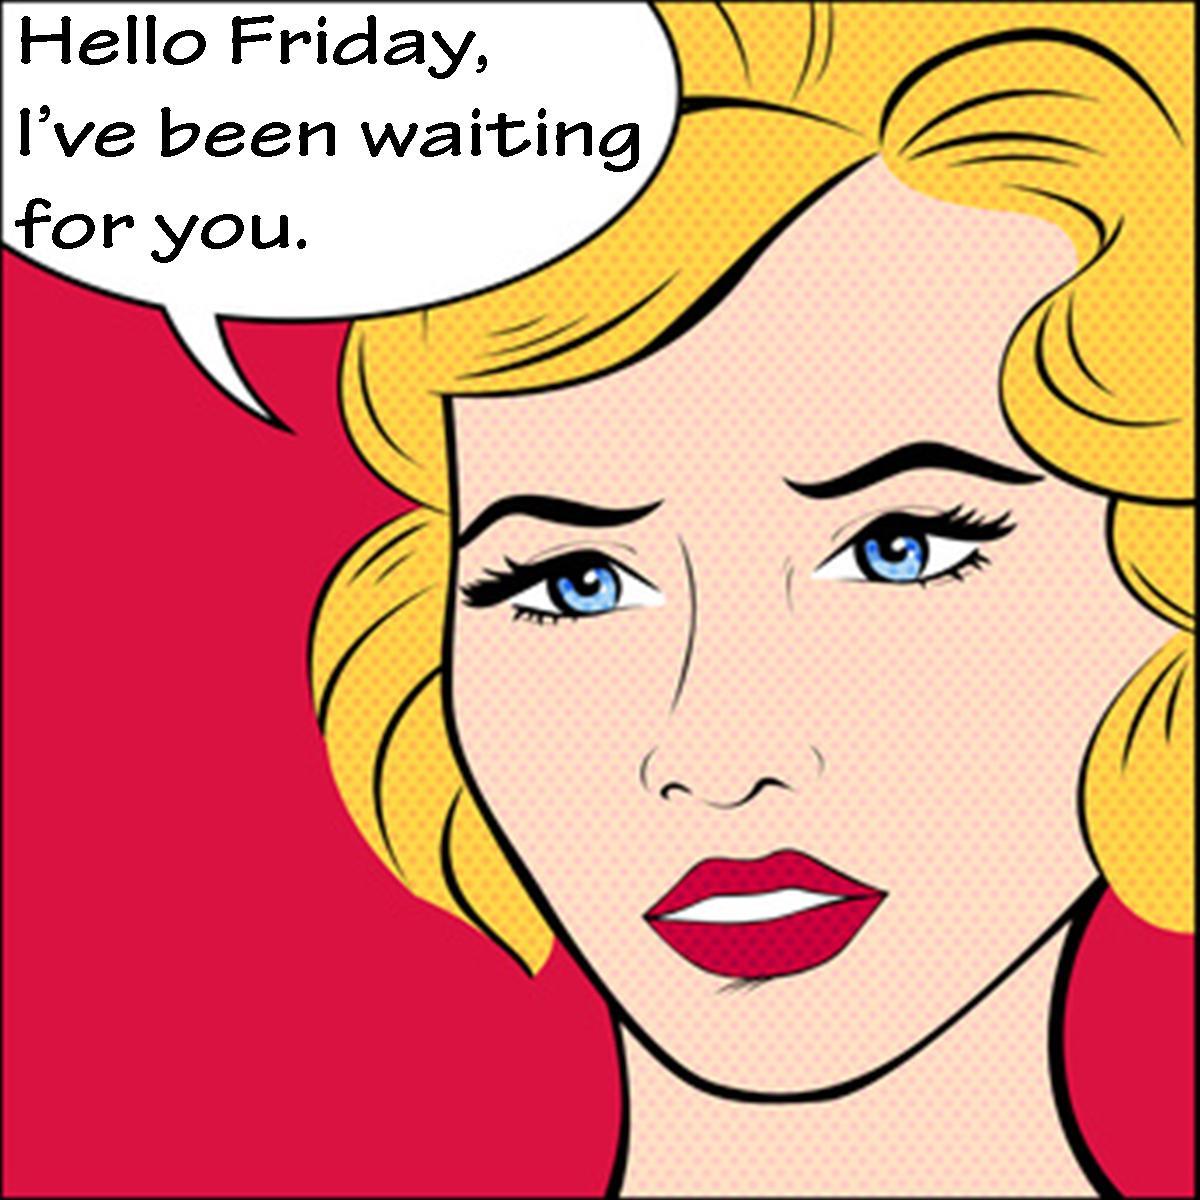 #hello #friday